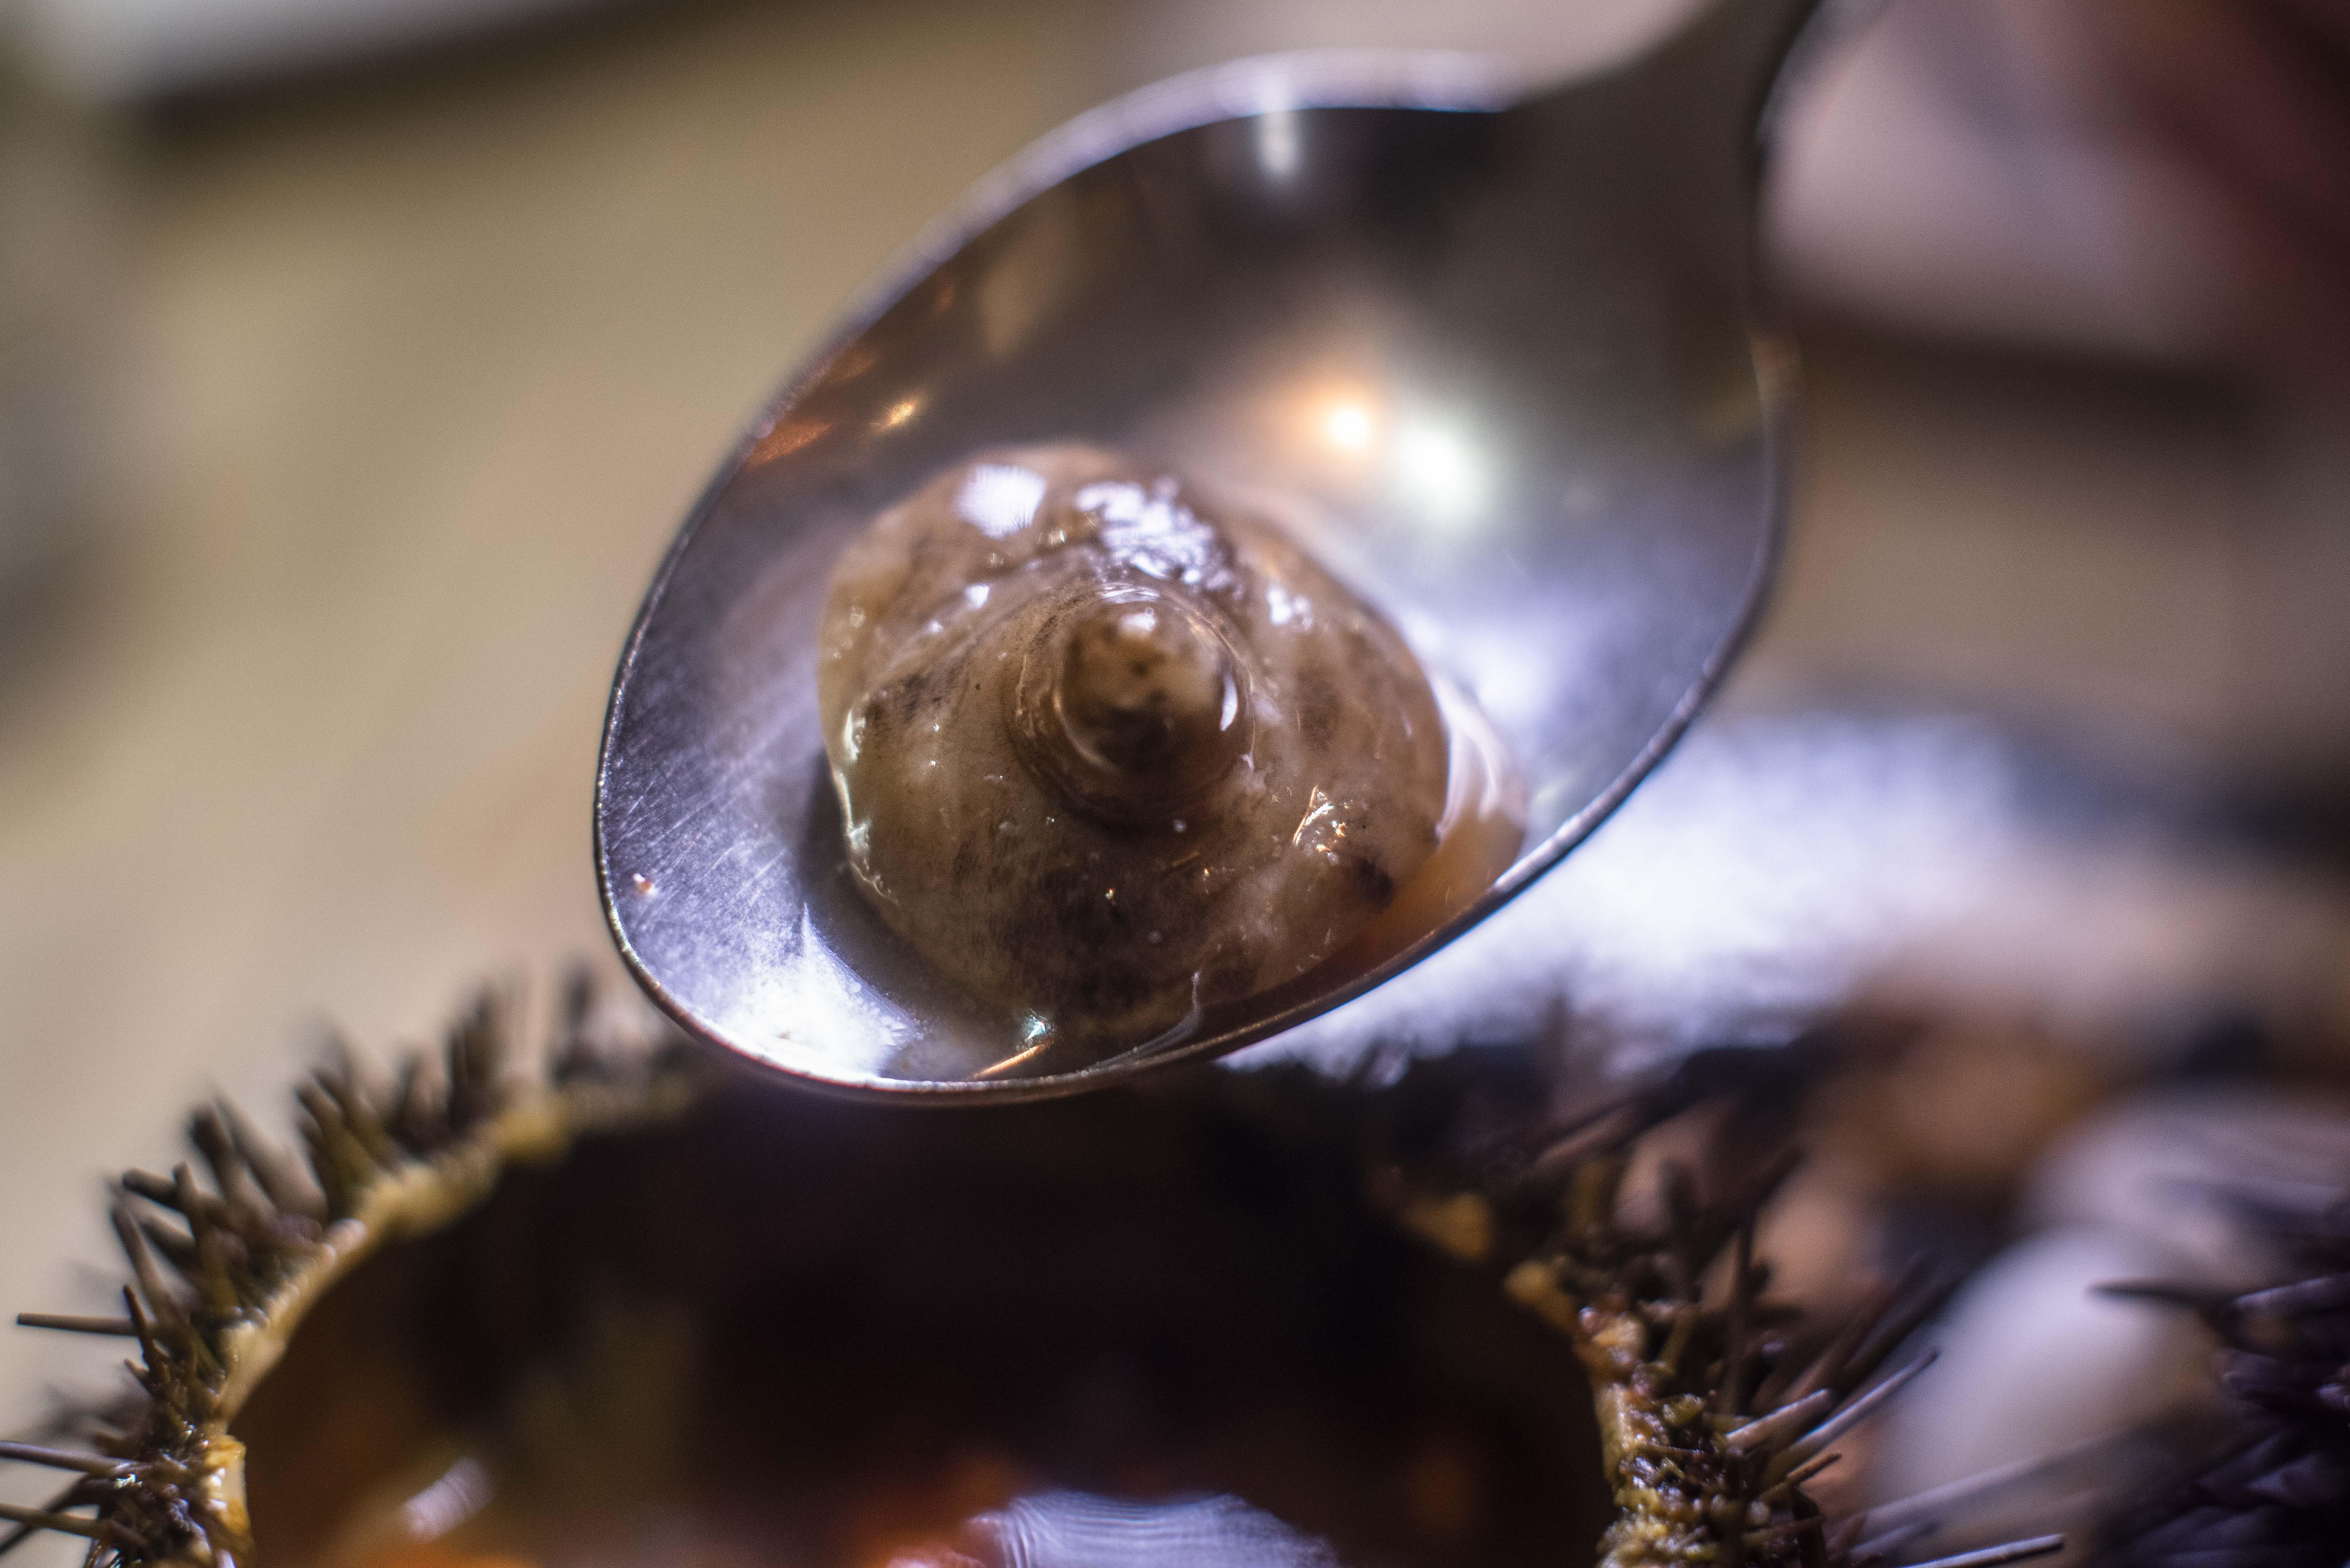 La ubre de cerda procede de un porcino ibérico de bellota extremeño.